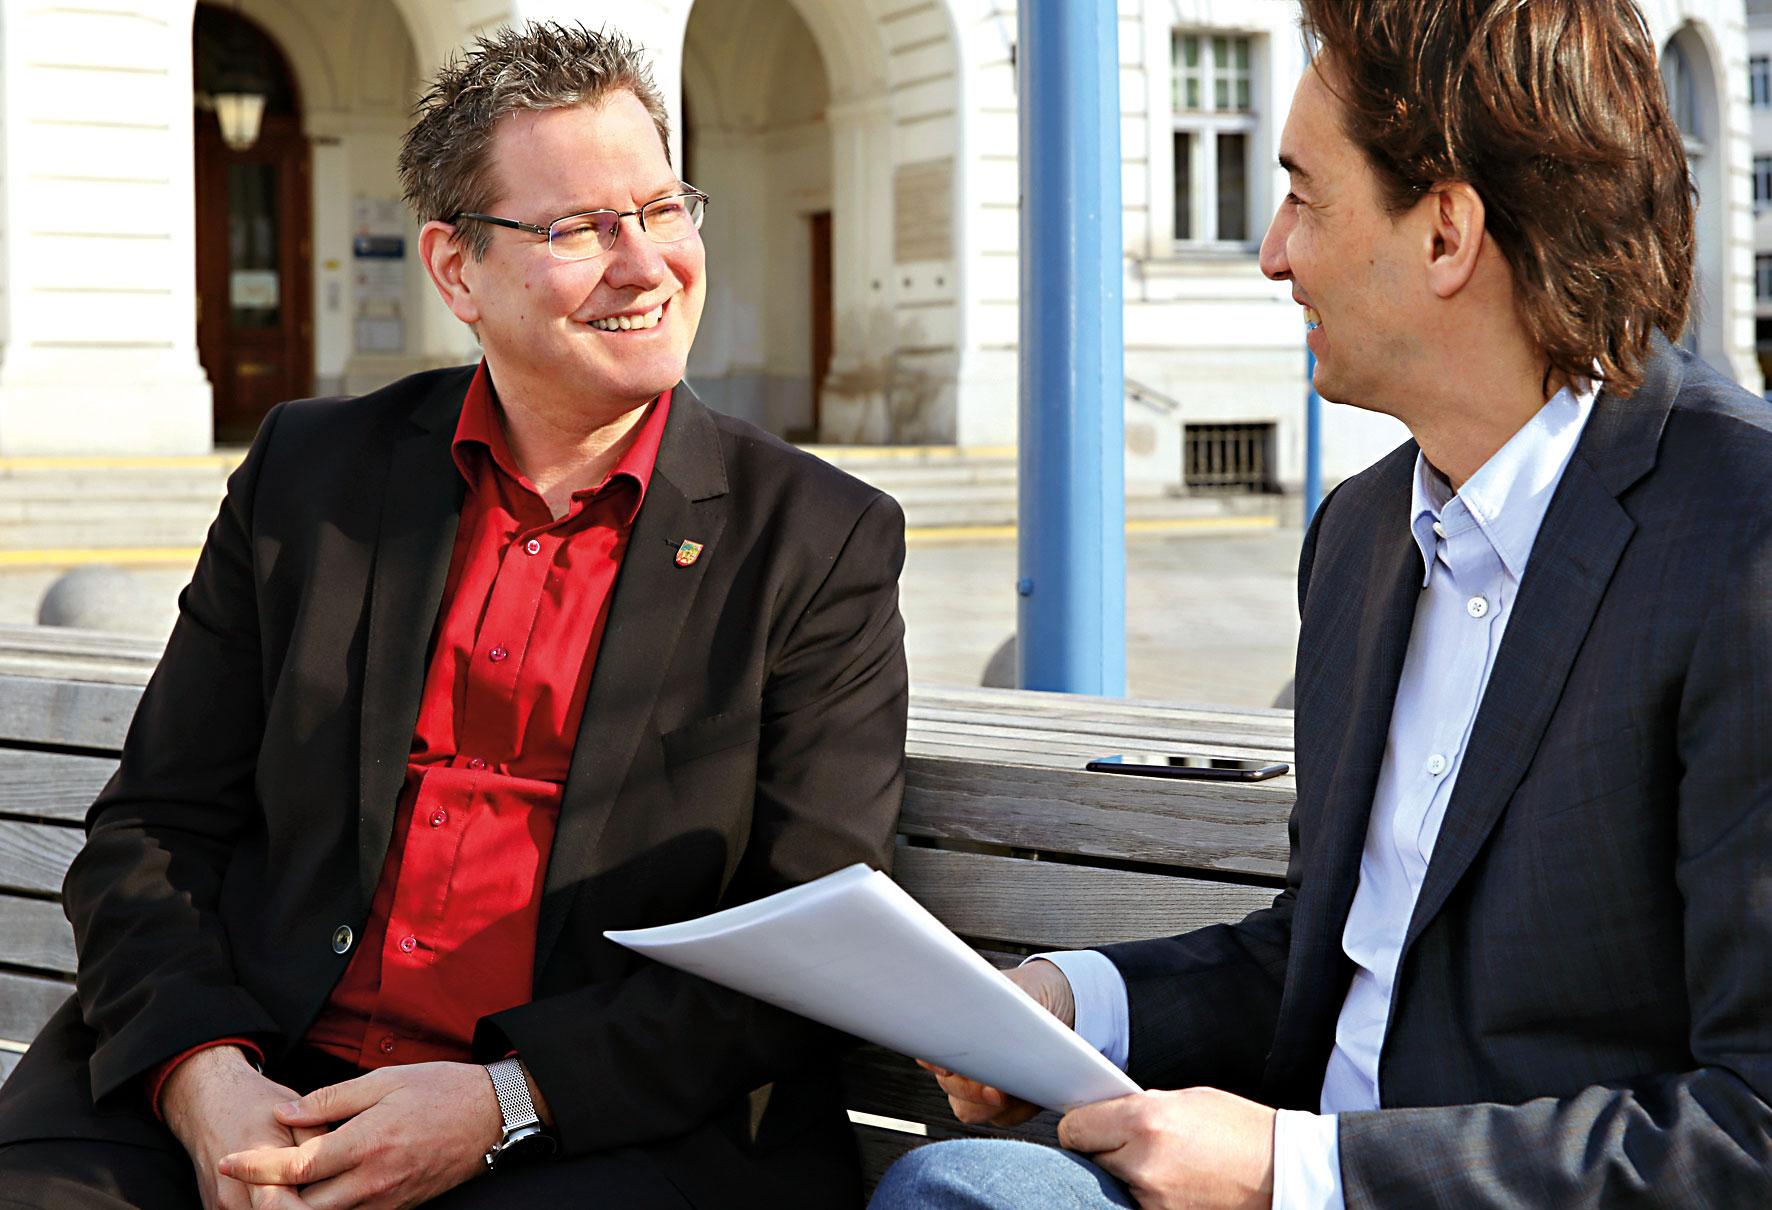 Georg Papai im Gespräch mit DFZ-Chefredakteur Hannes Neumayer vor demAmtshaus des 21. Bezirks. Bild: Robert Sturm - cordbase.com